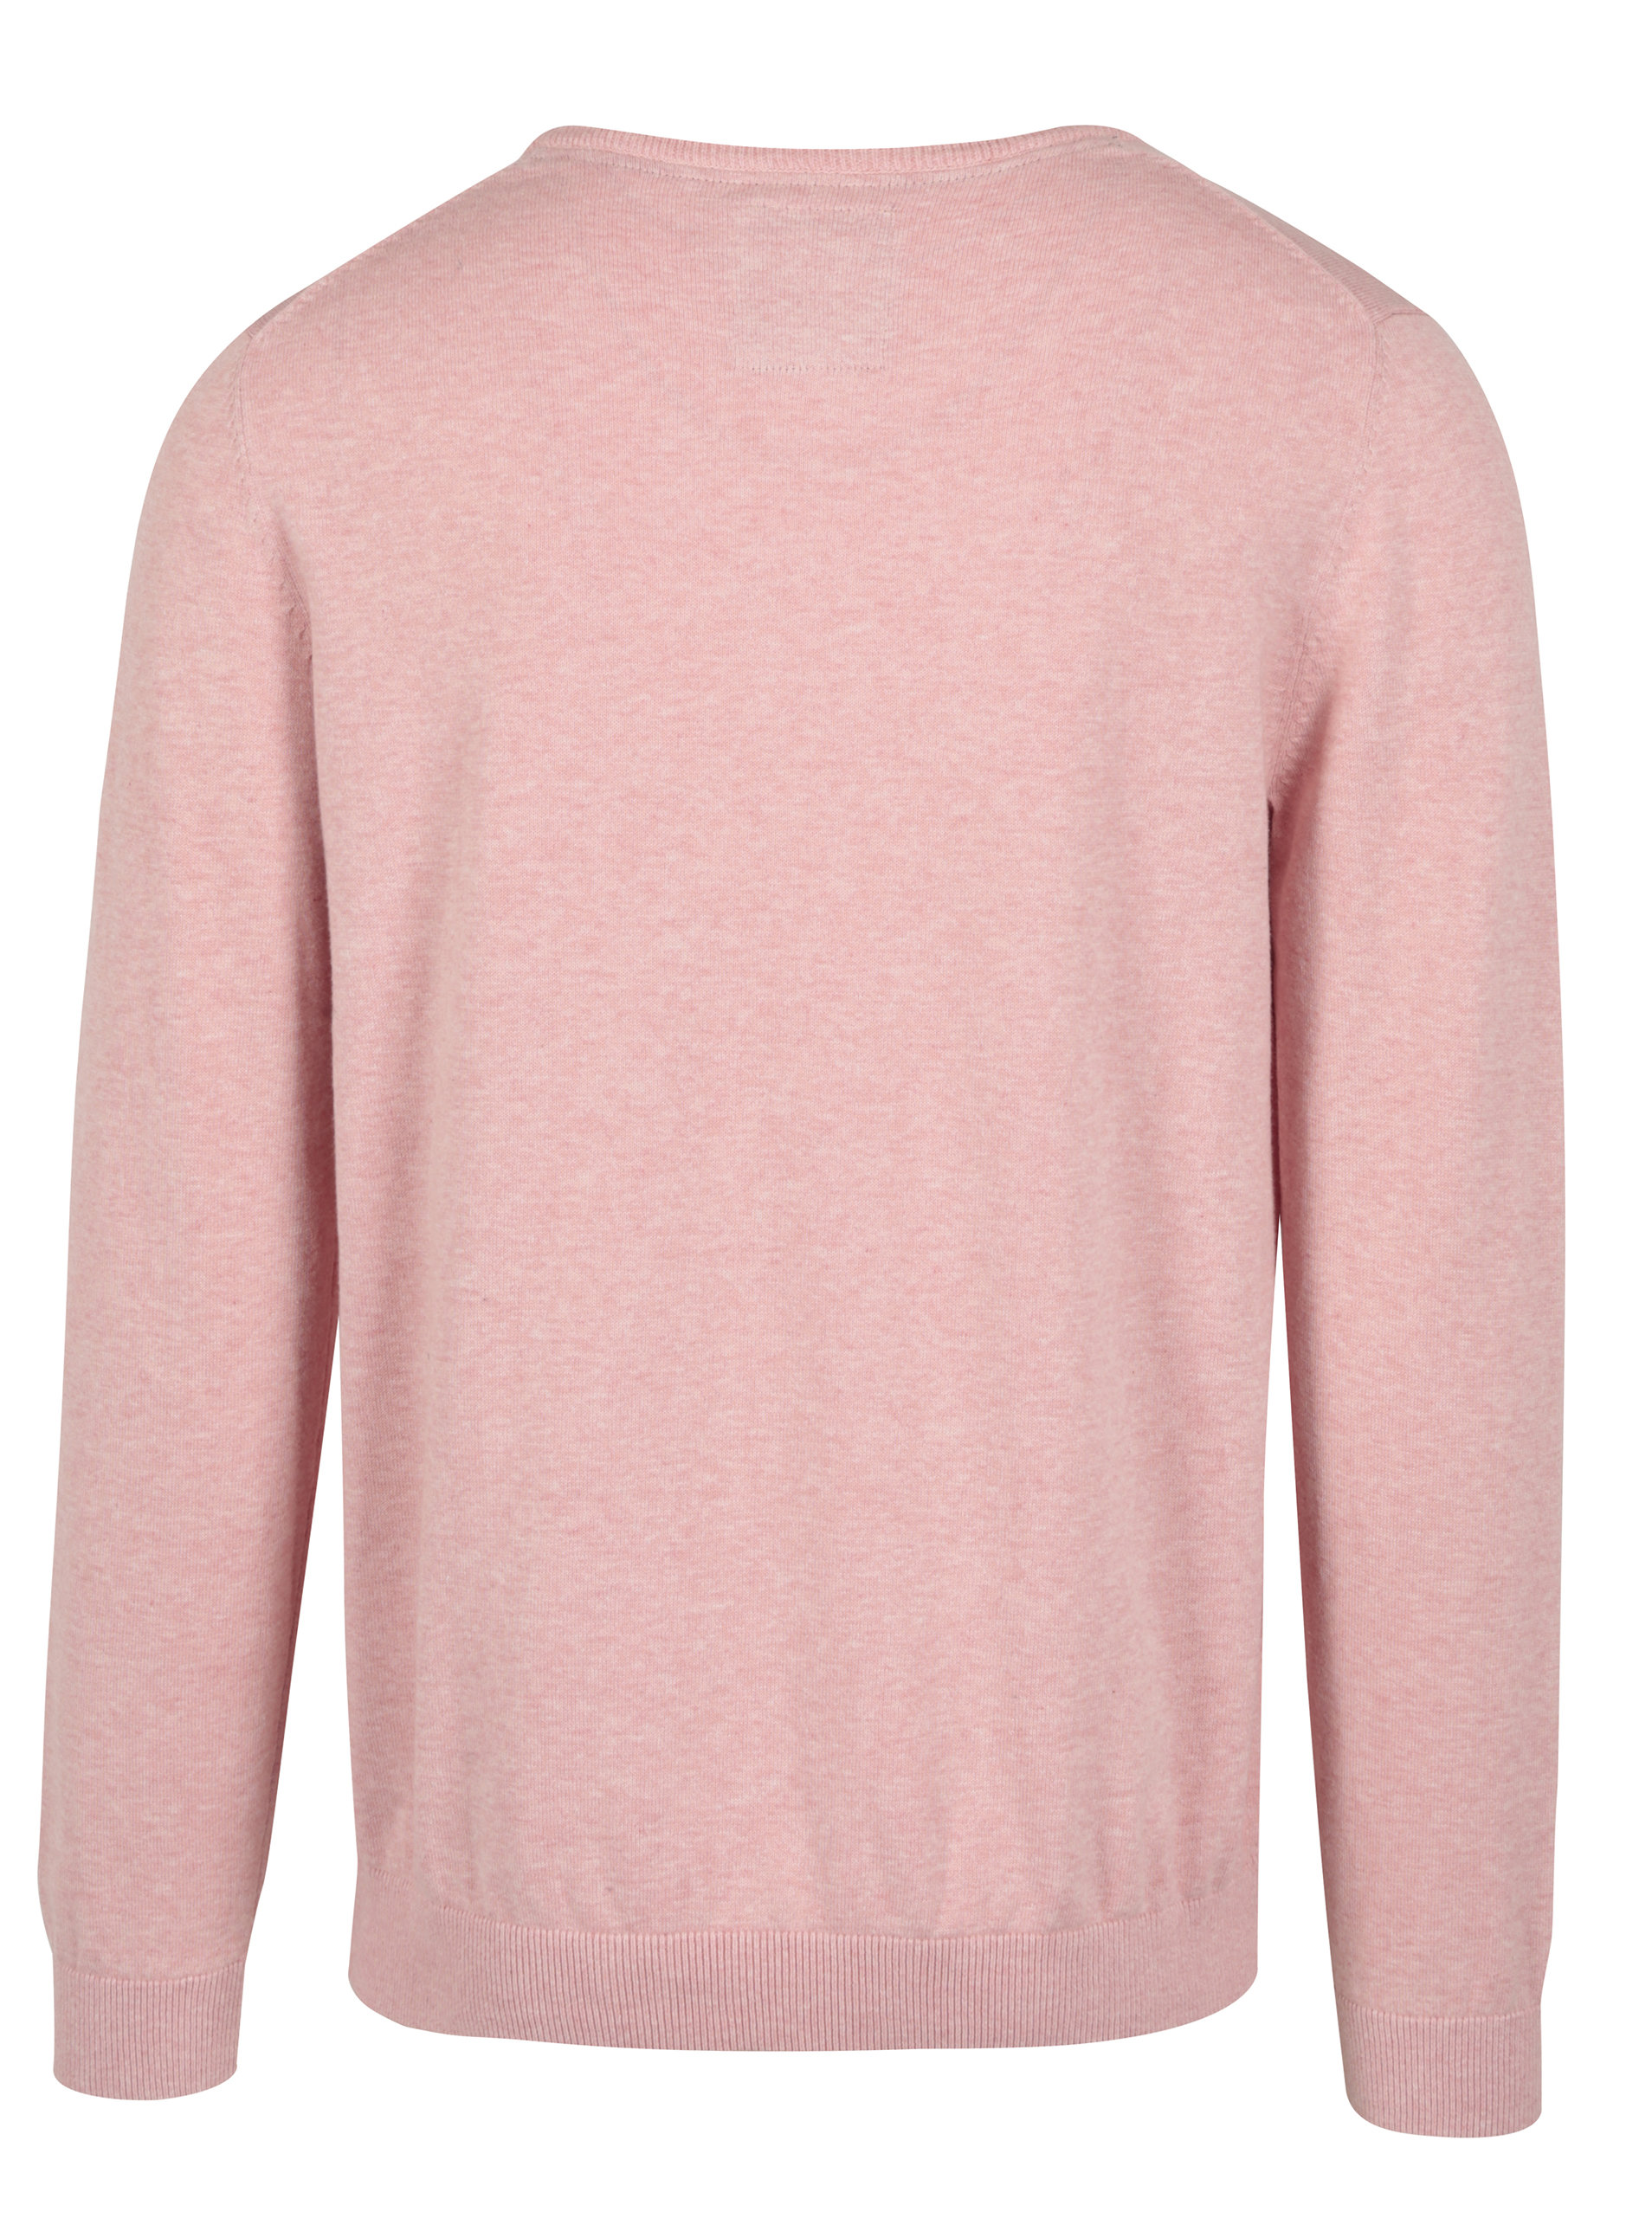 Světle růžový pánský svetr s kulatým výstřihem s.Oliver  654aad32e3